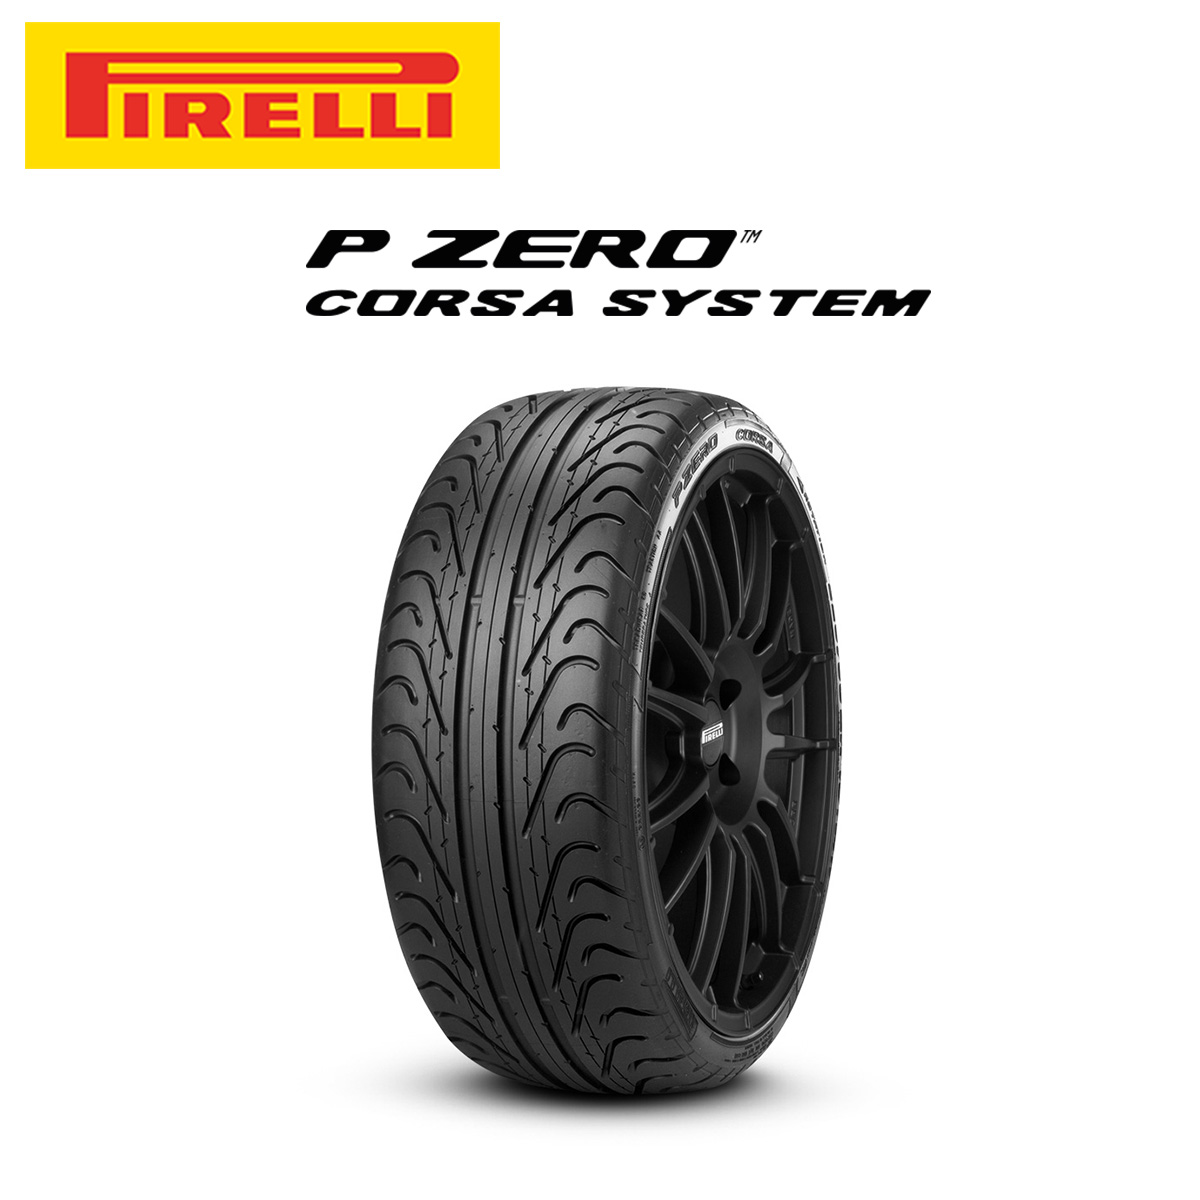 ピレリ PIRELLI P ZERO CORSA SUMMER Pゼロコルサ 18インチ サマー タイヤ 左用 4本 セット 335/30ZR18 102Y ロープロファイルタイヤシリーズ 1611900